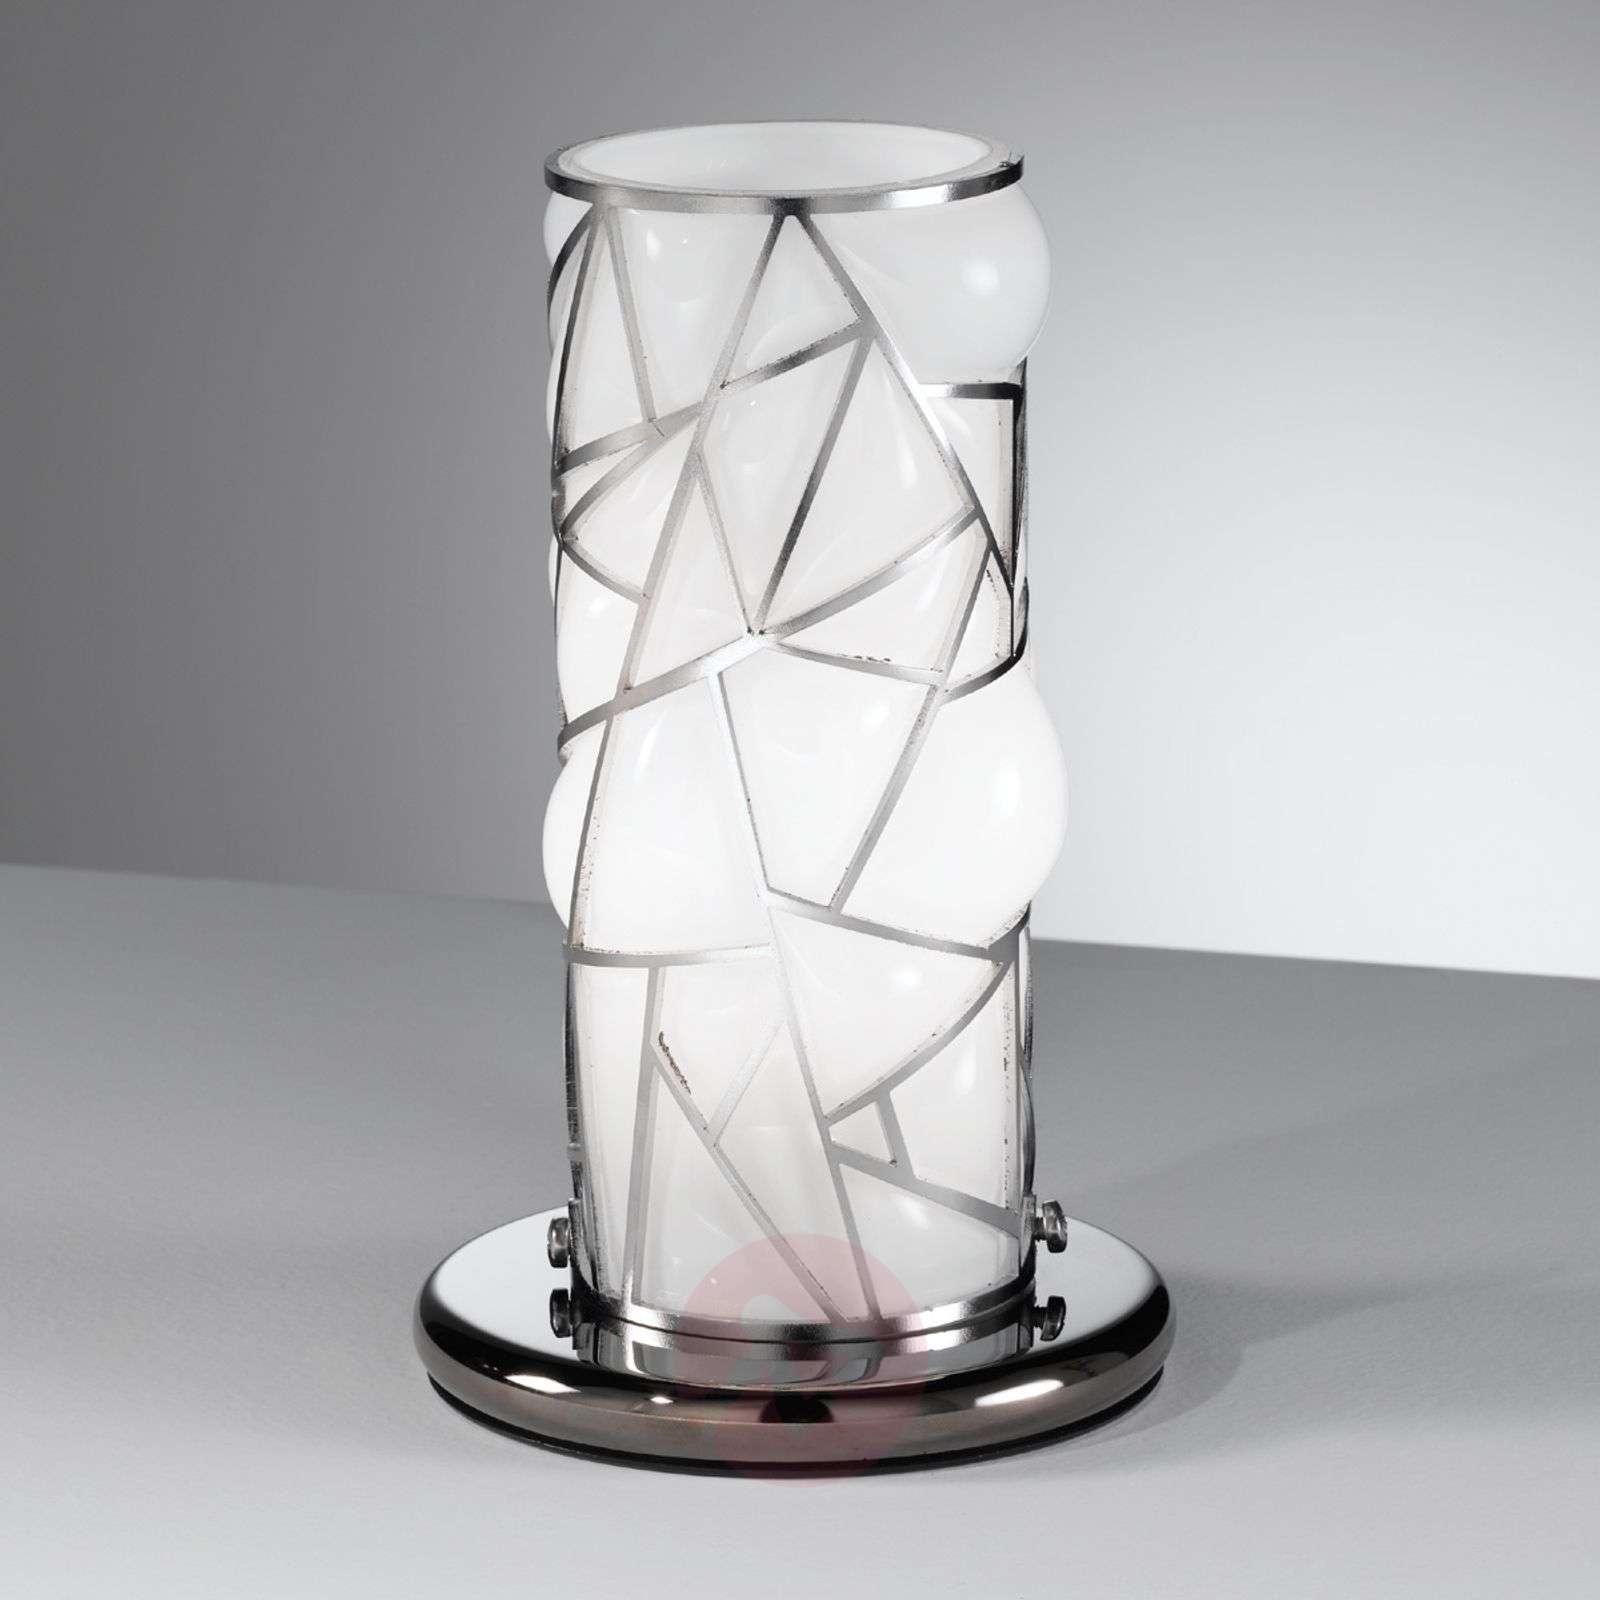 Orione-pöytävalaisin teräselementeillä, valkoinen-8581078-01